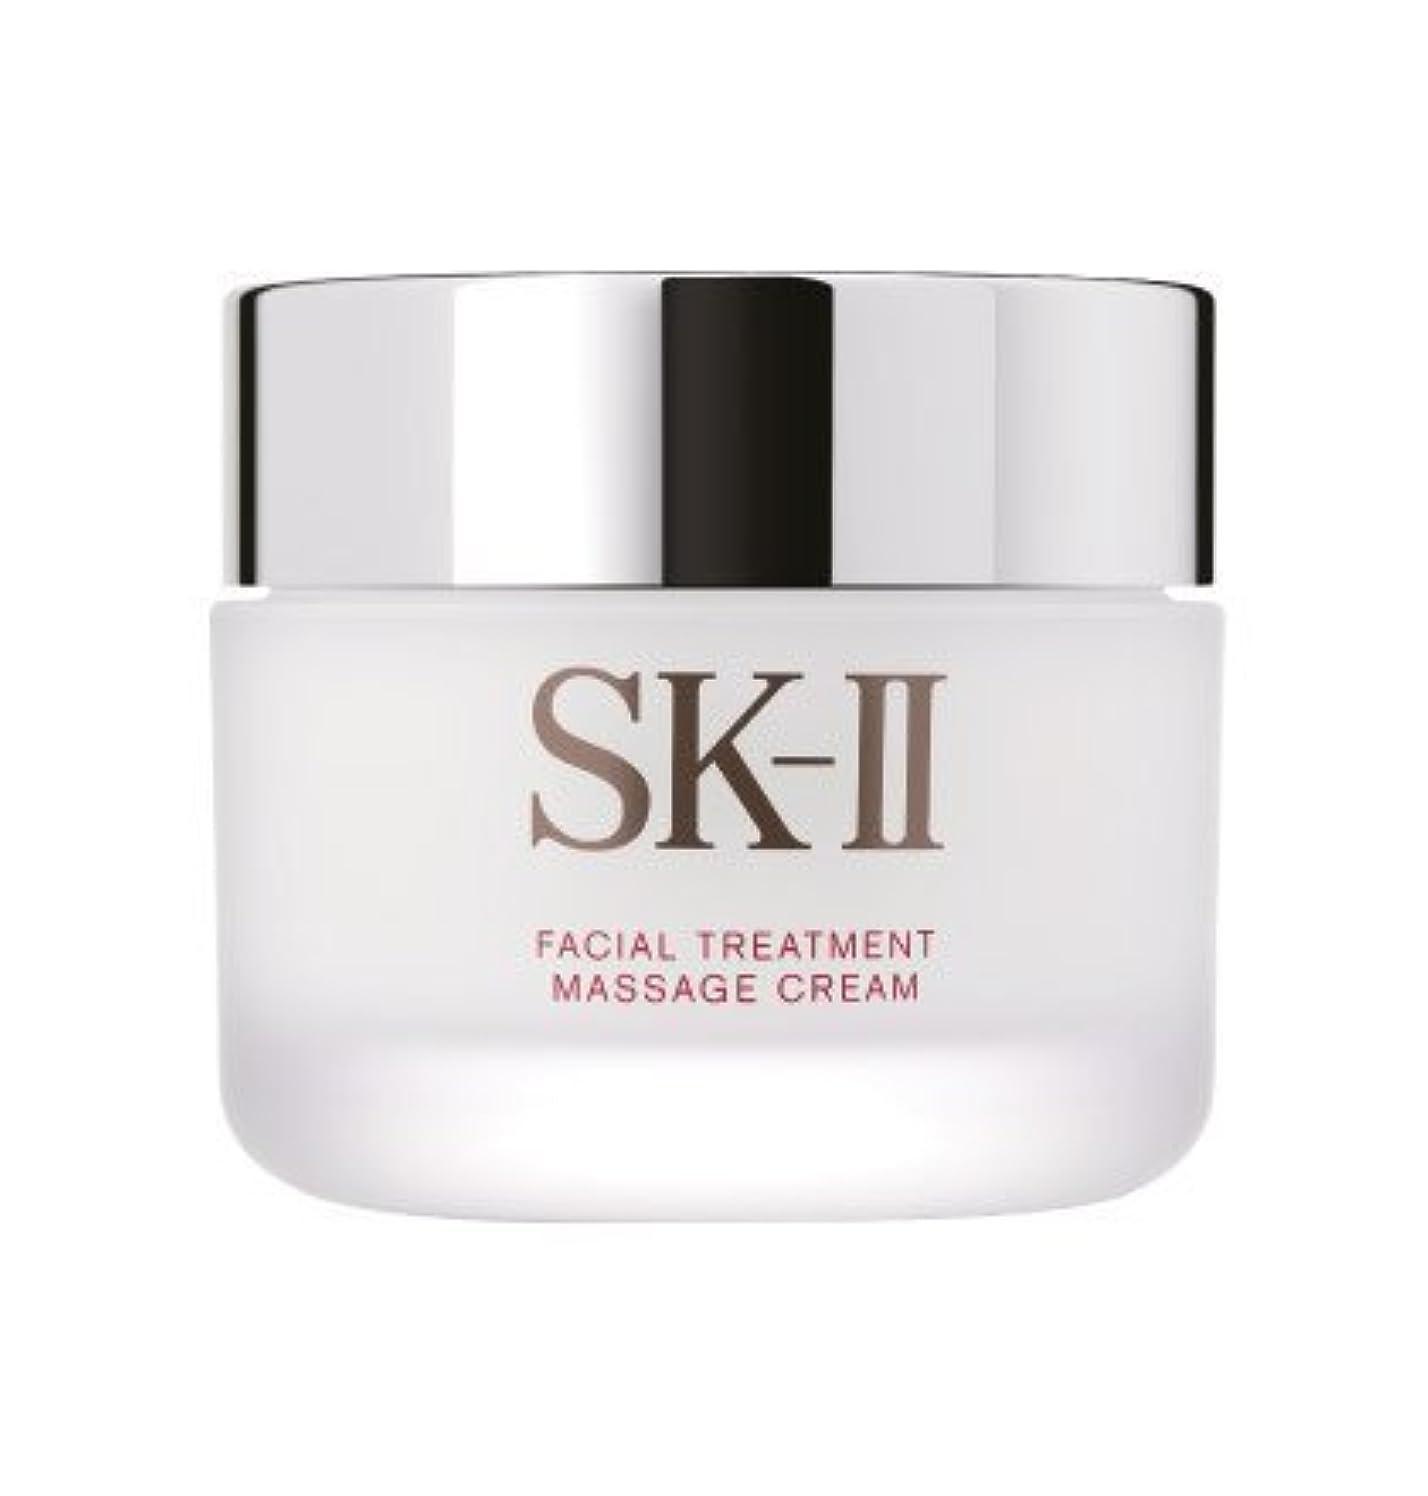 定義水を飲むスカリーSK-II フェイシャル トリートメント マッサージ クリーム 80g SK2 マックスファクター 化粧品 美容 クリーム